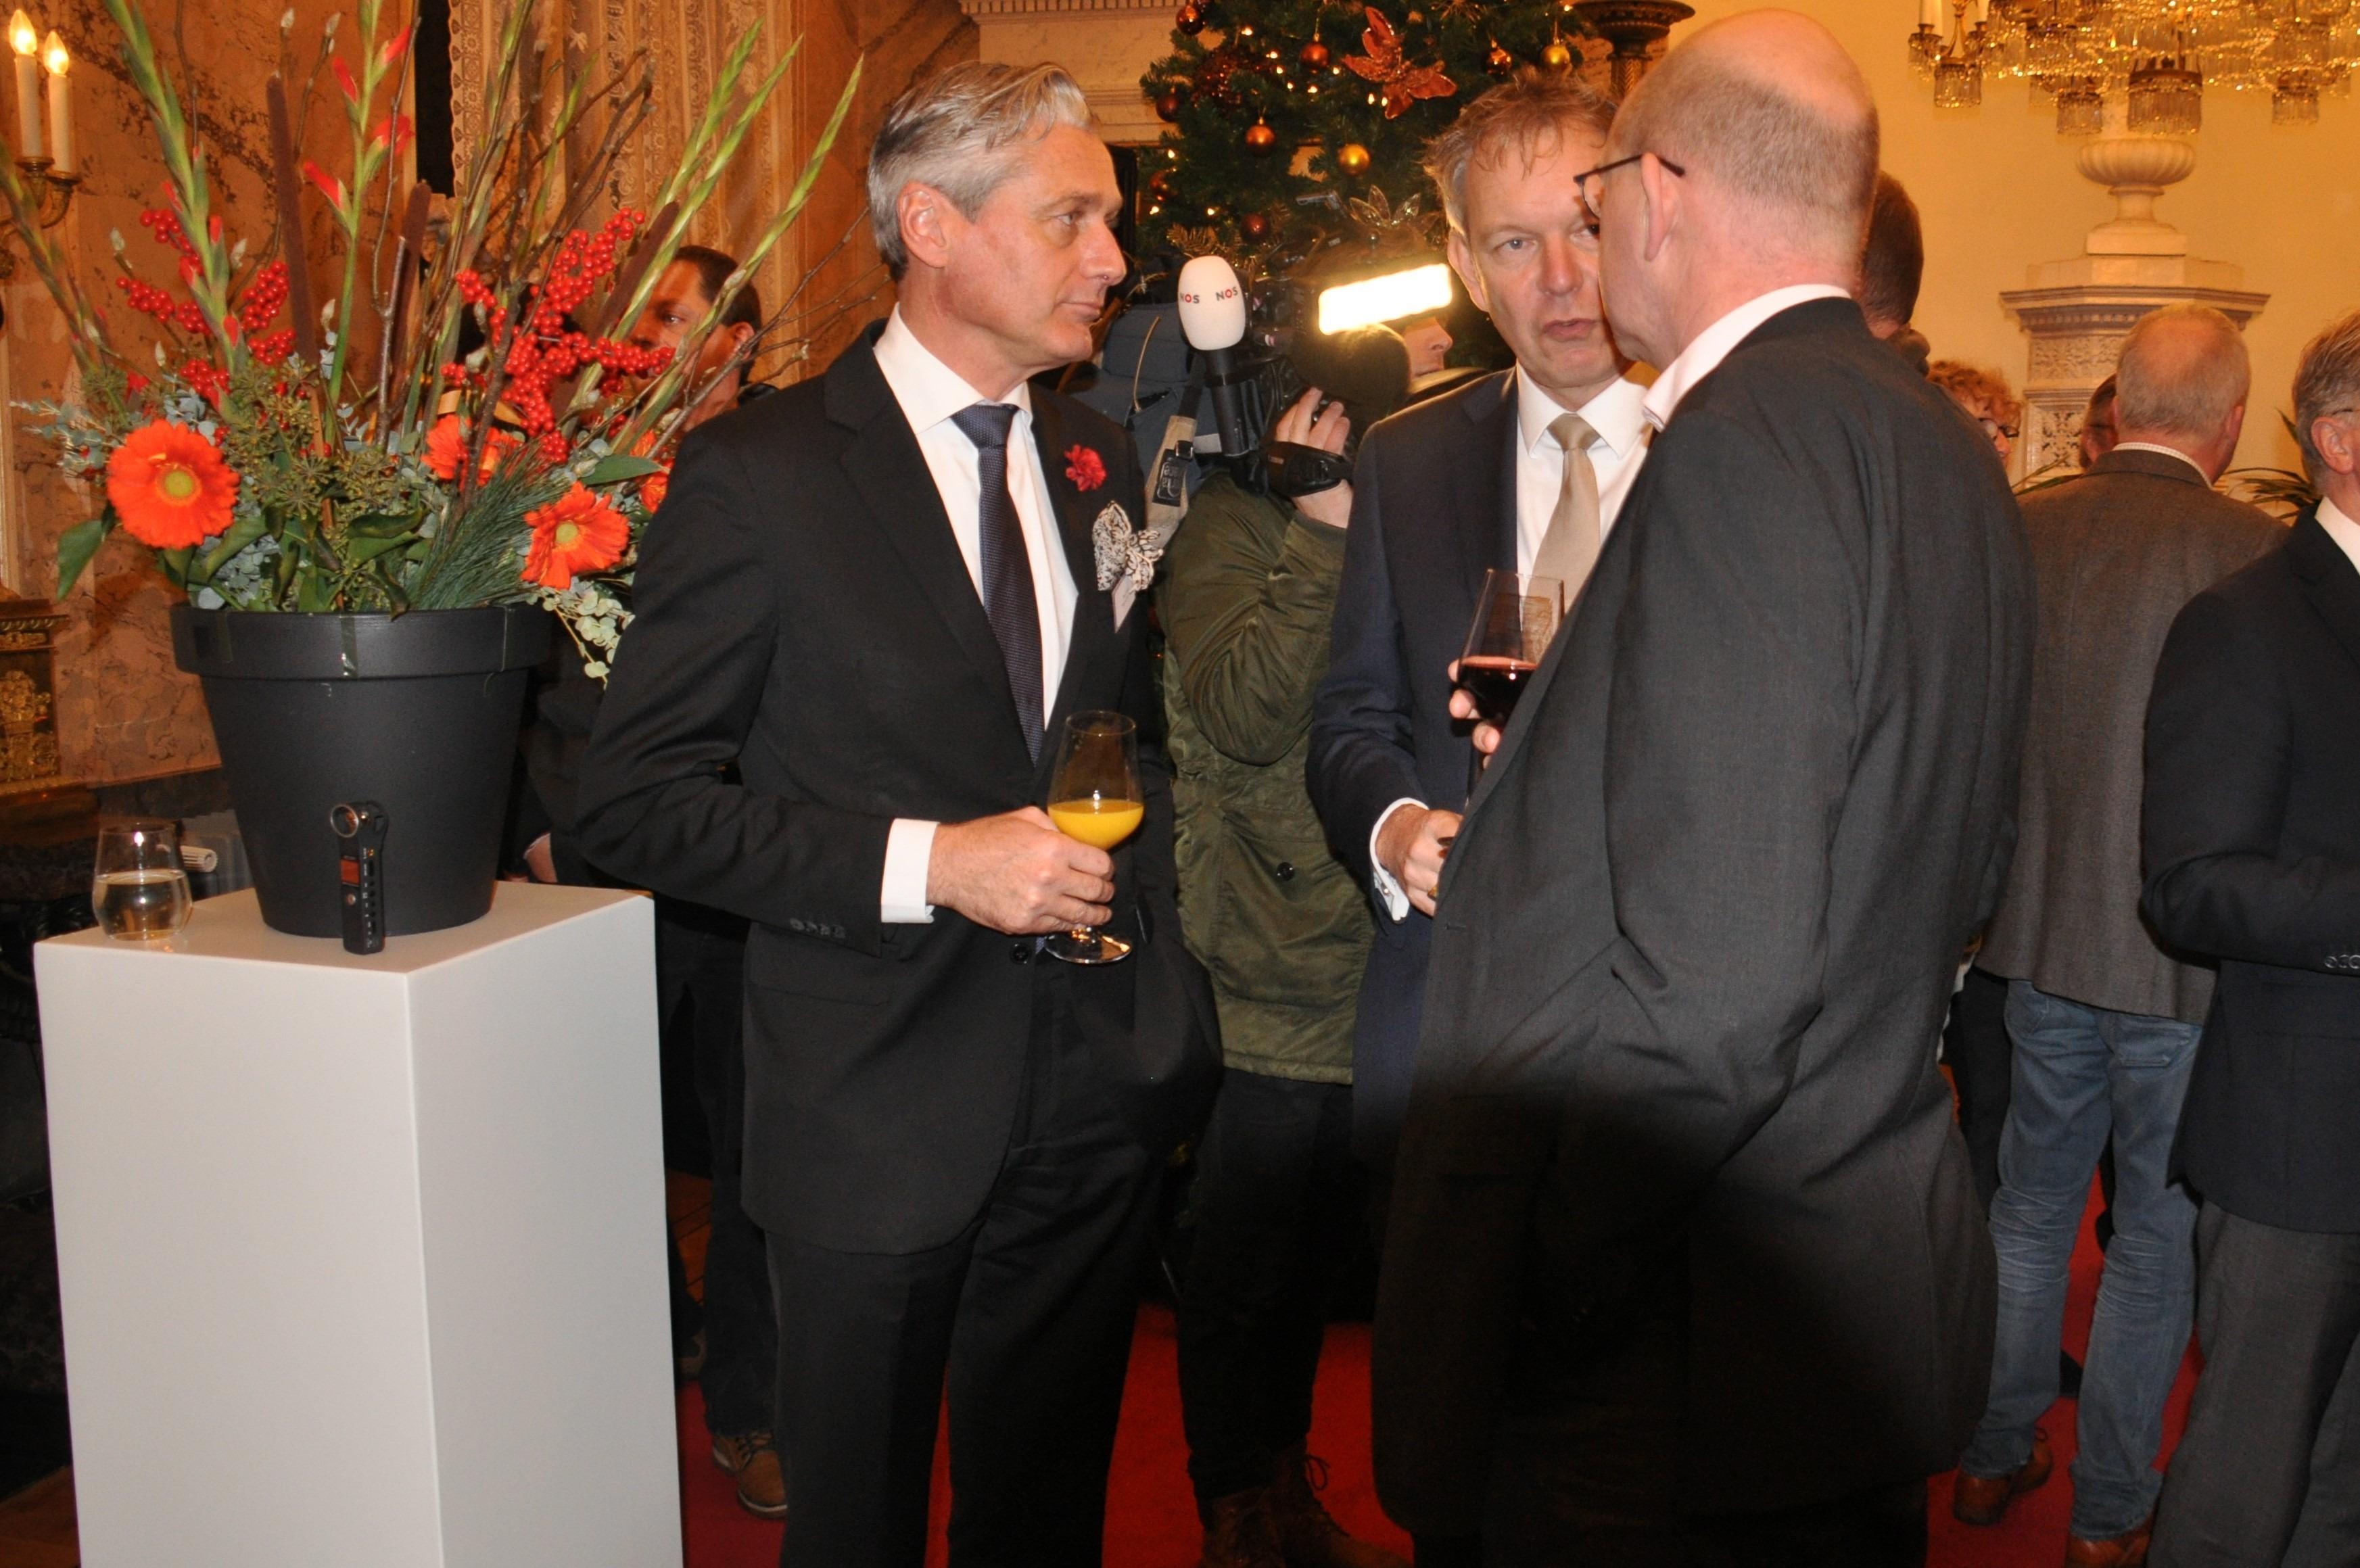 Paul Rem (conservator Paleis het Loo) is als adviseur betrokken bij het project ''Made in Holland''. Hier in gesprek met de burgemeester van Baarn.